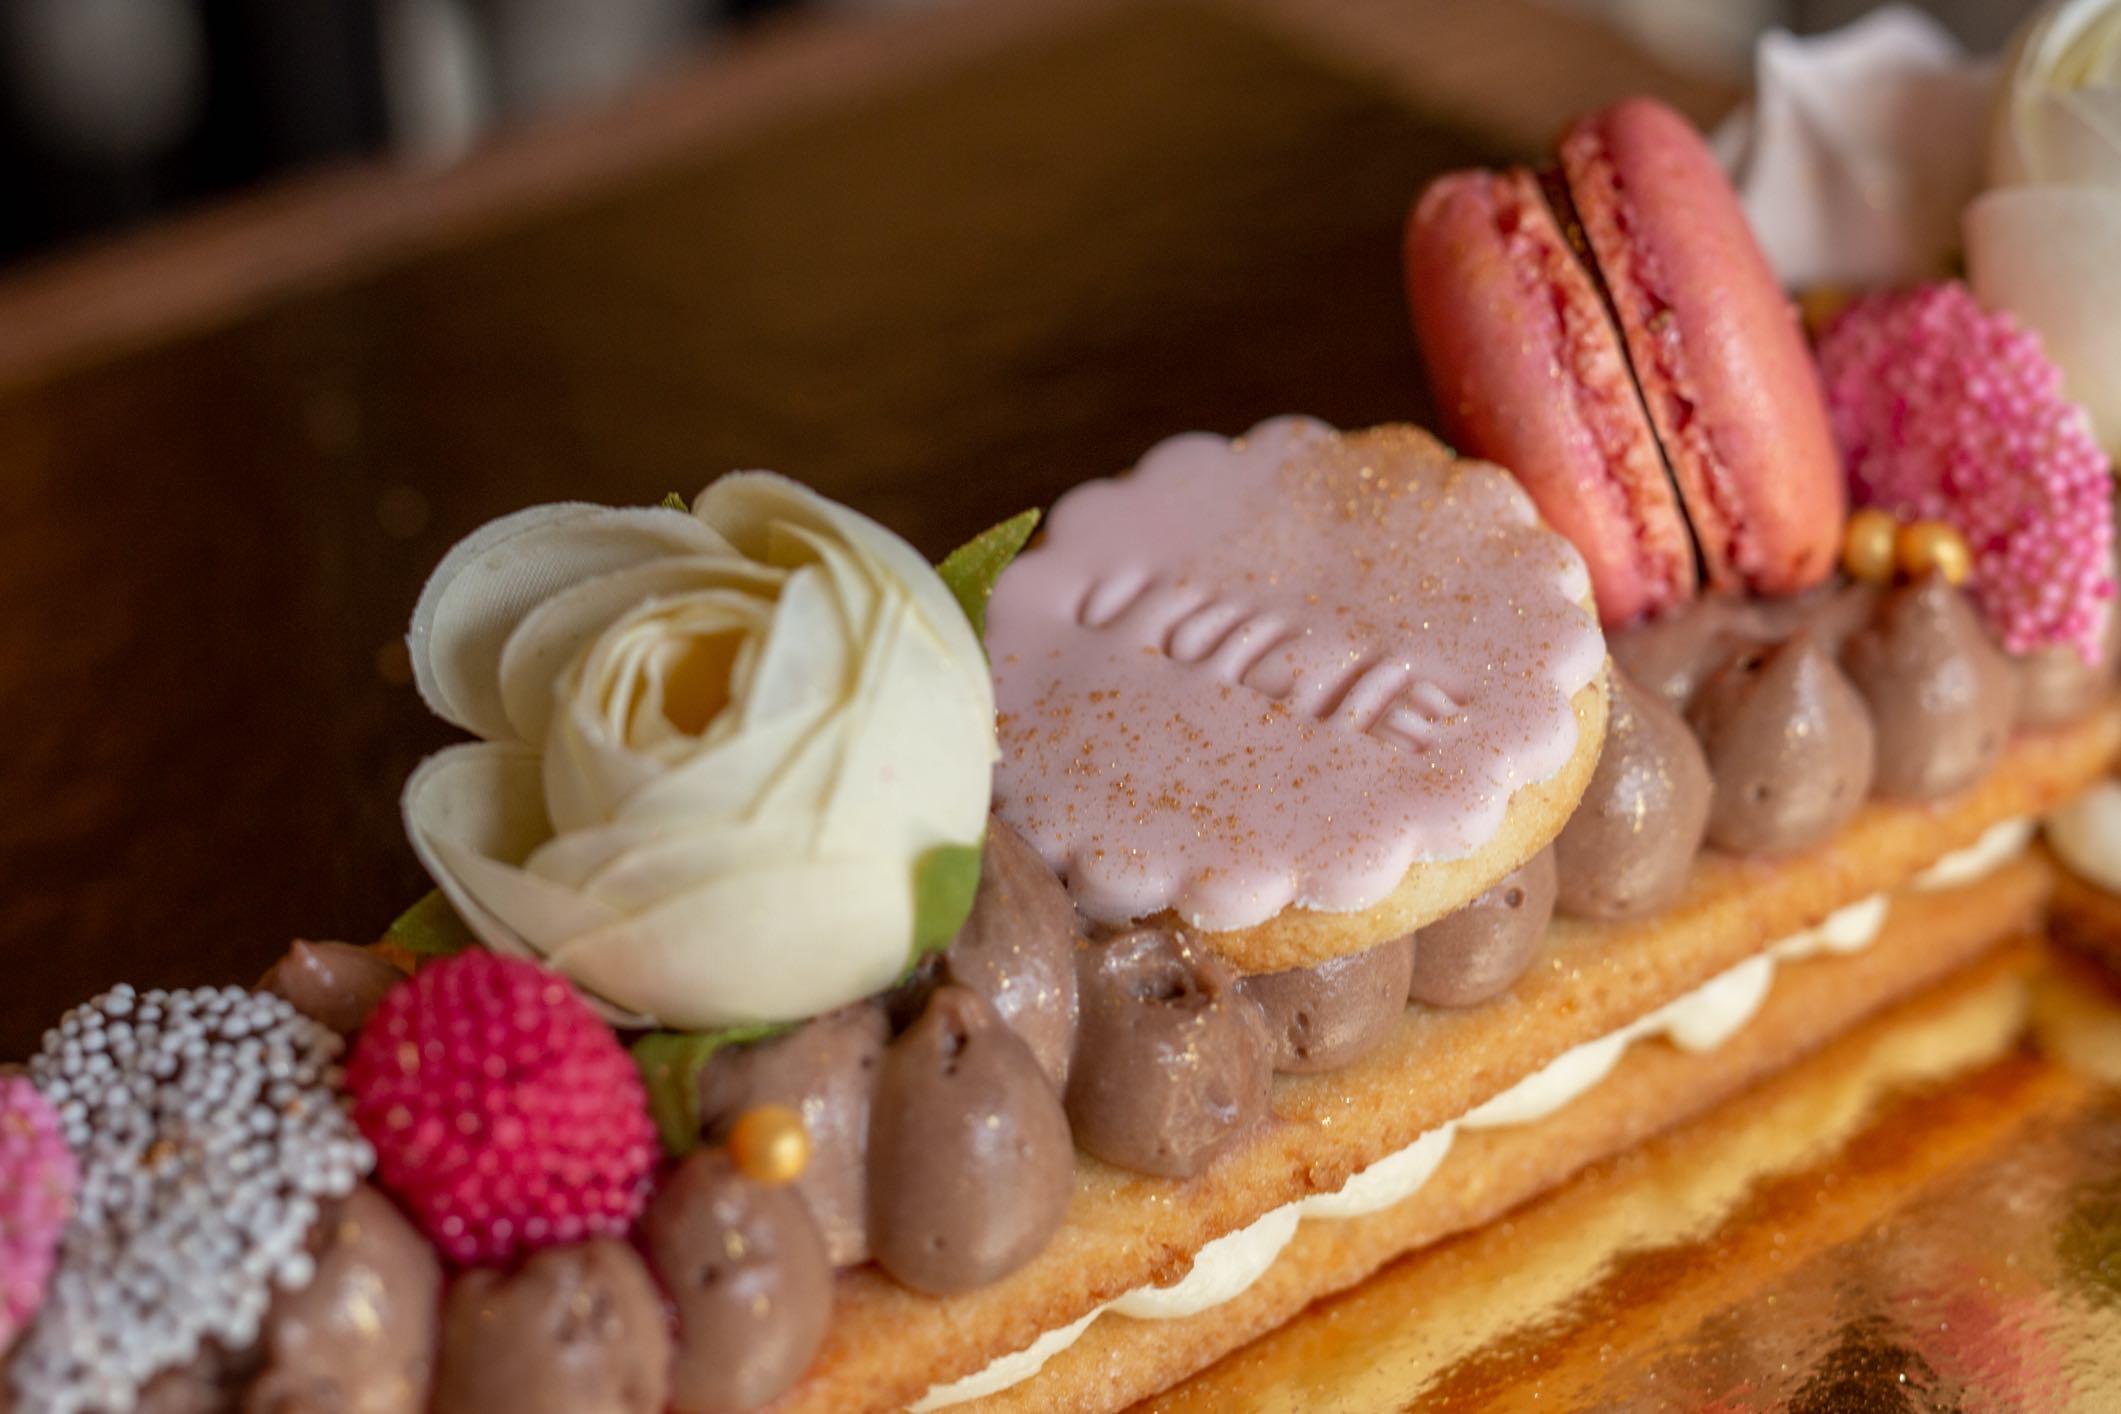 Macaron & Sablé letter cake